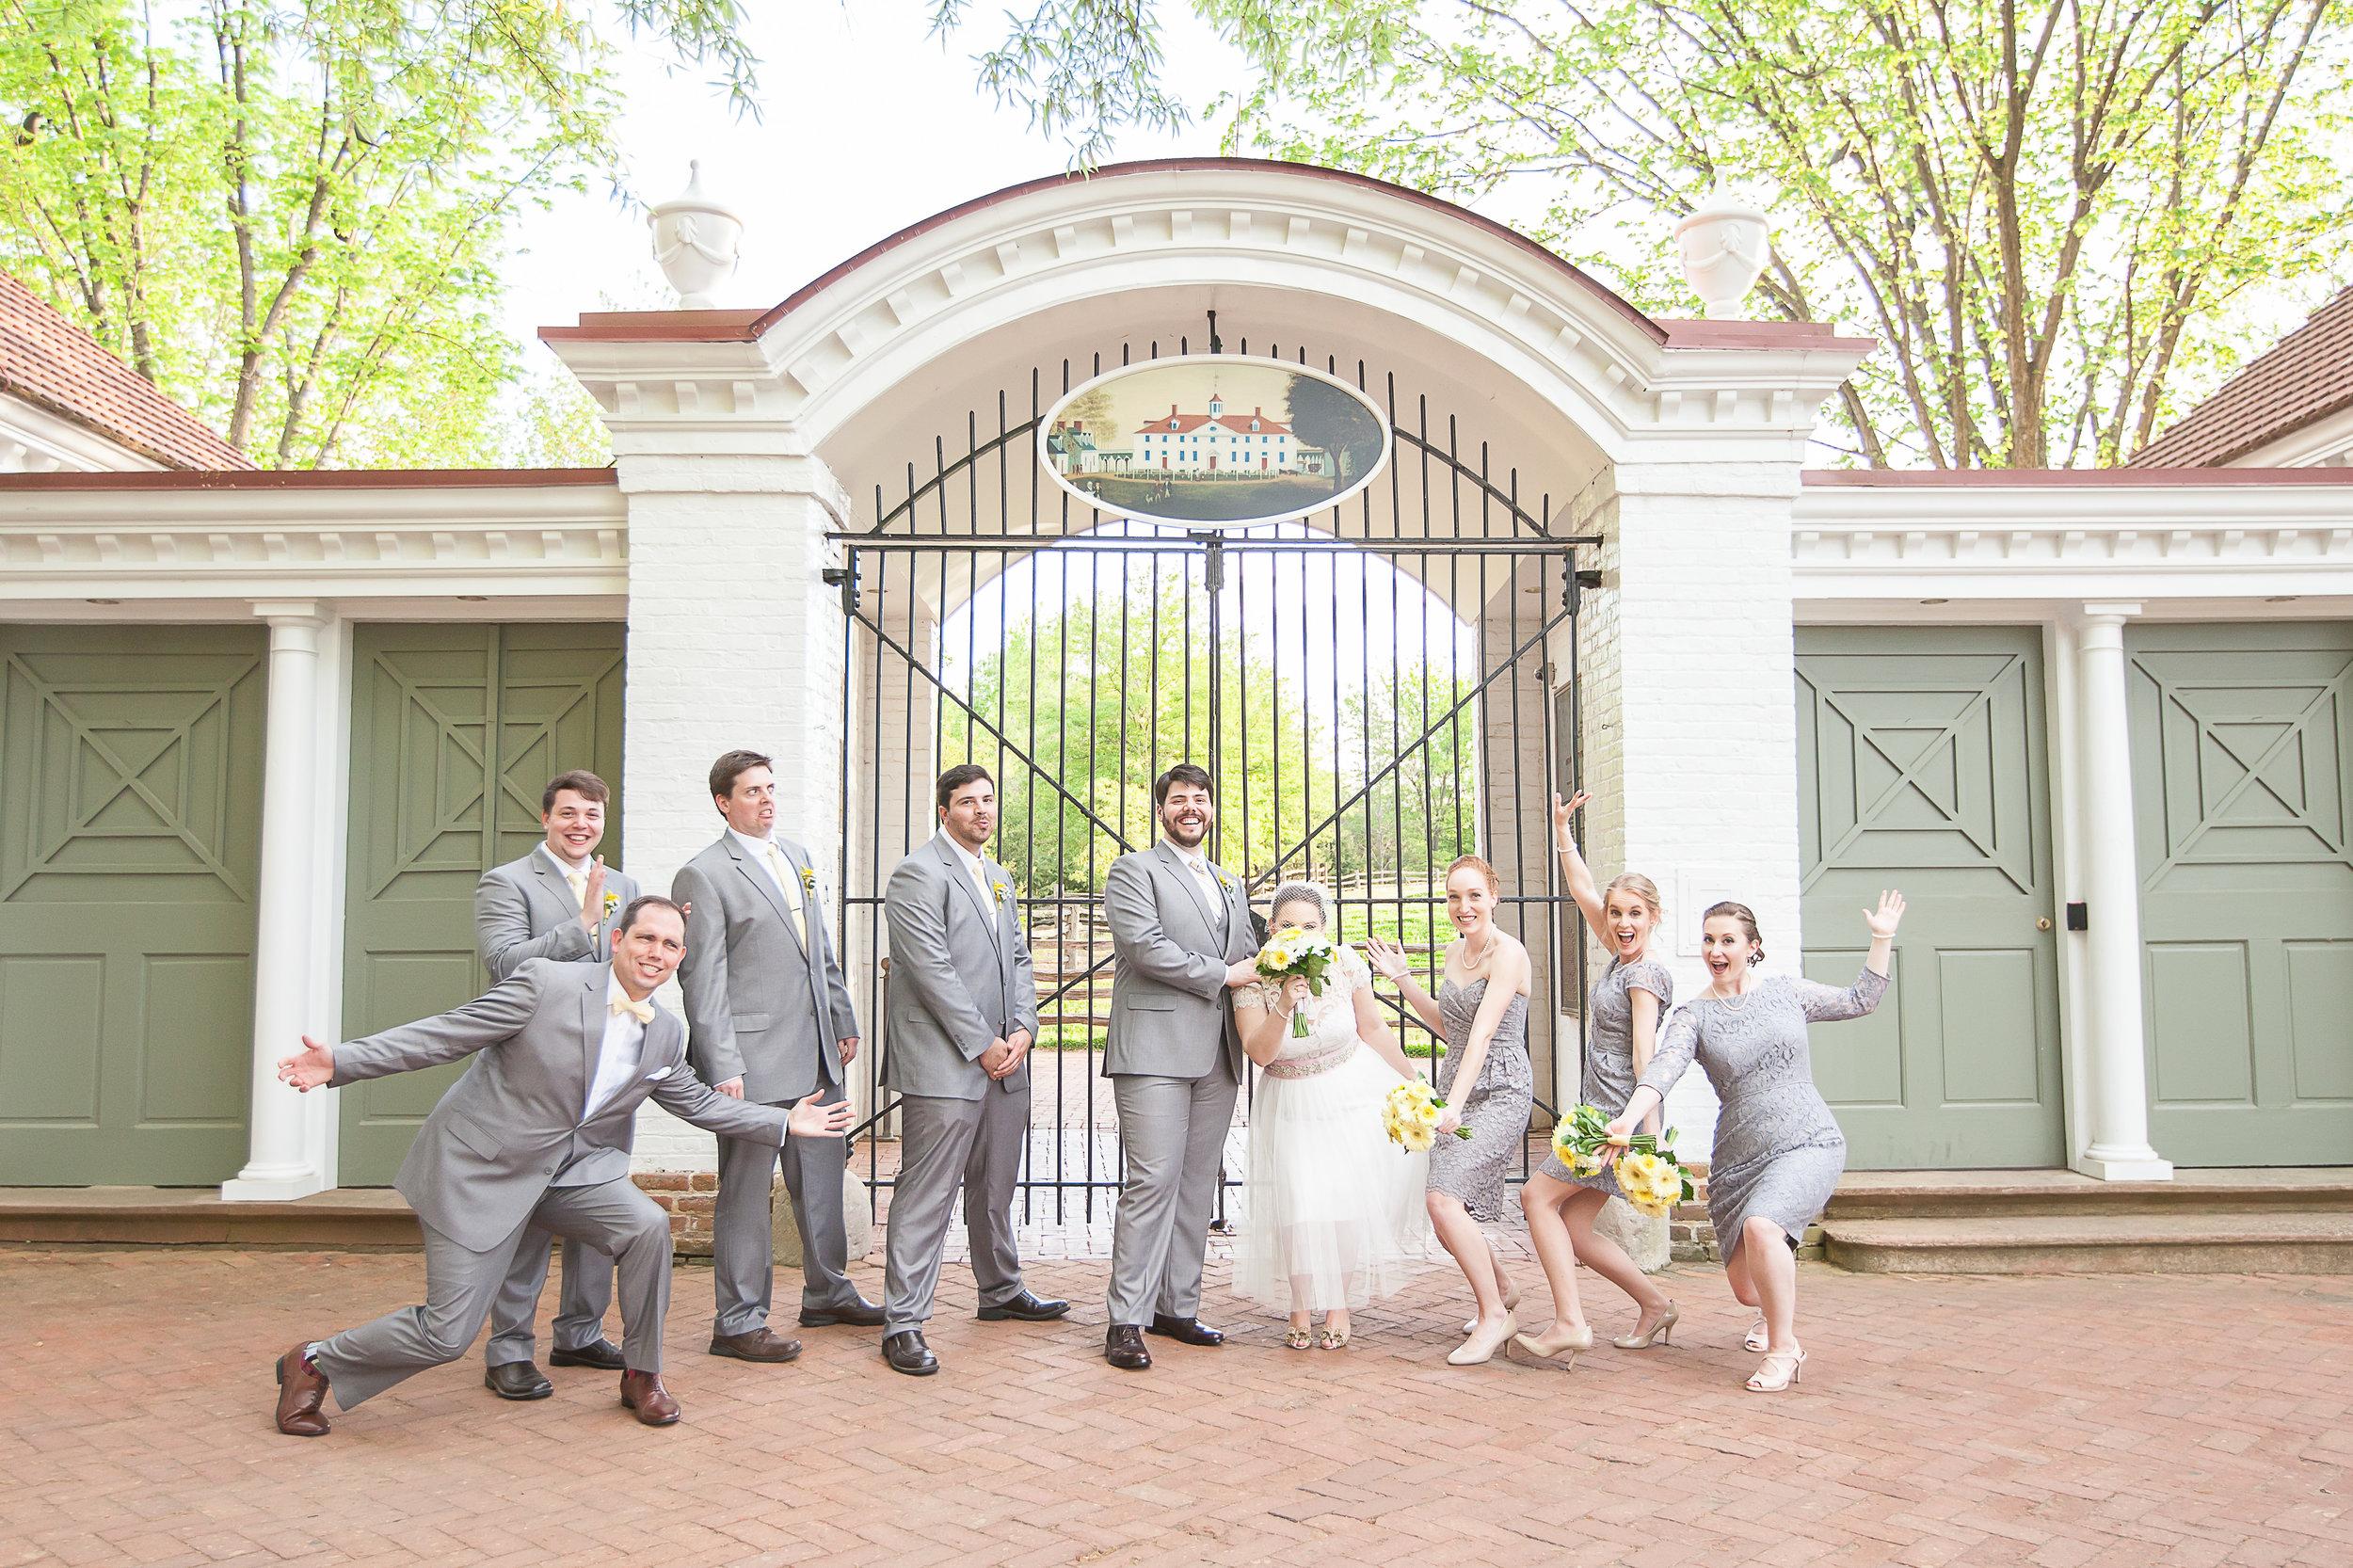 K-S-Wedding-Kim-Pham-Clark-Photography-263.jpg